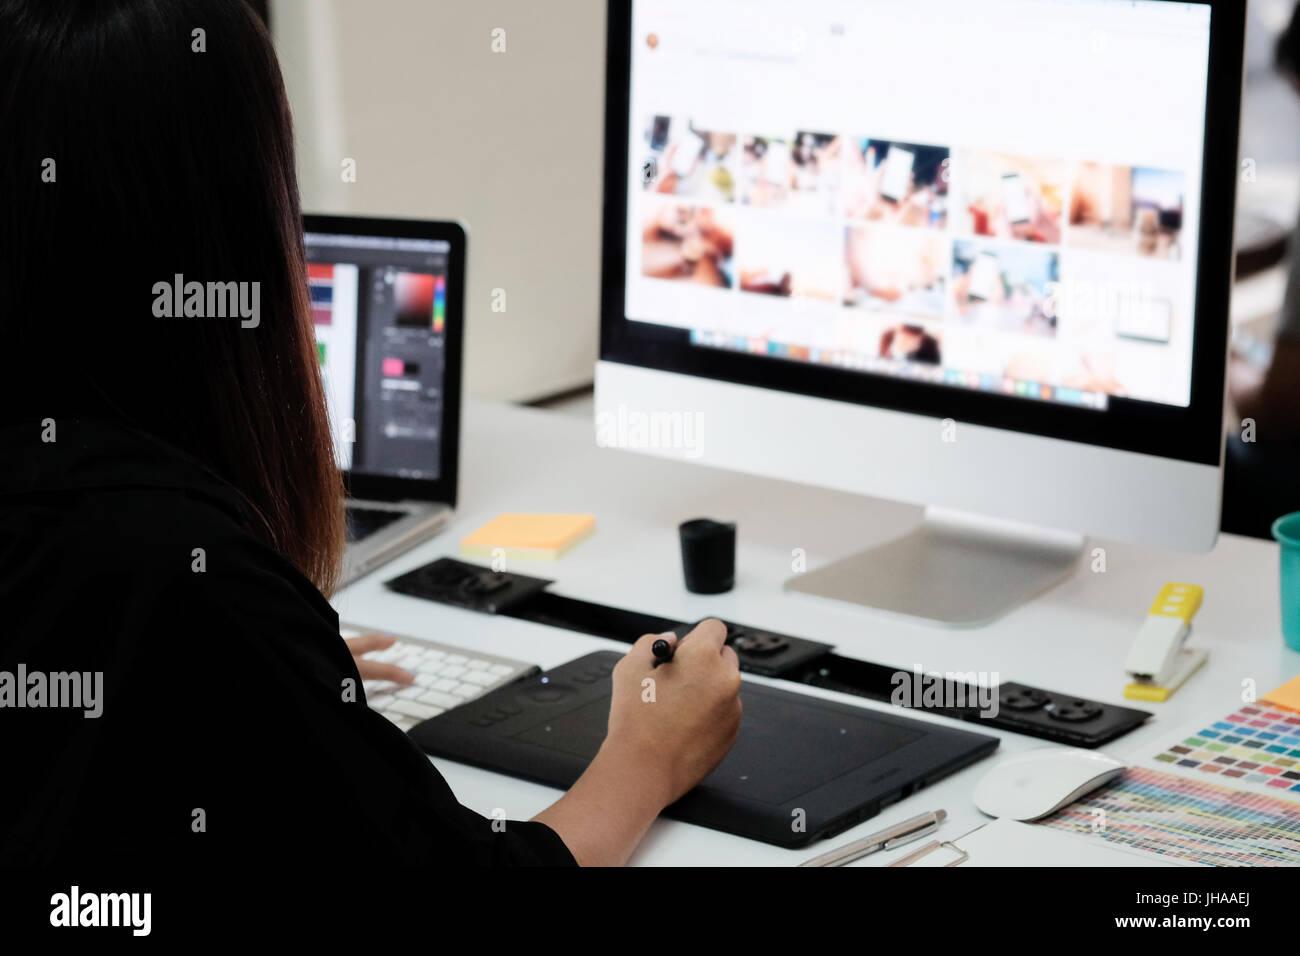 Diseñador gráfico mujer trabajando en la oficina creativa con crear gráficos de ordenador. Foto de stock